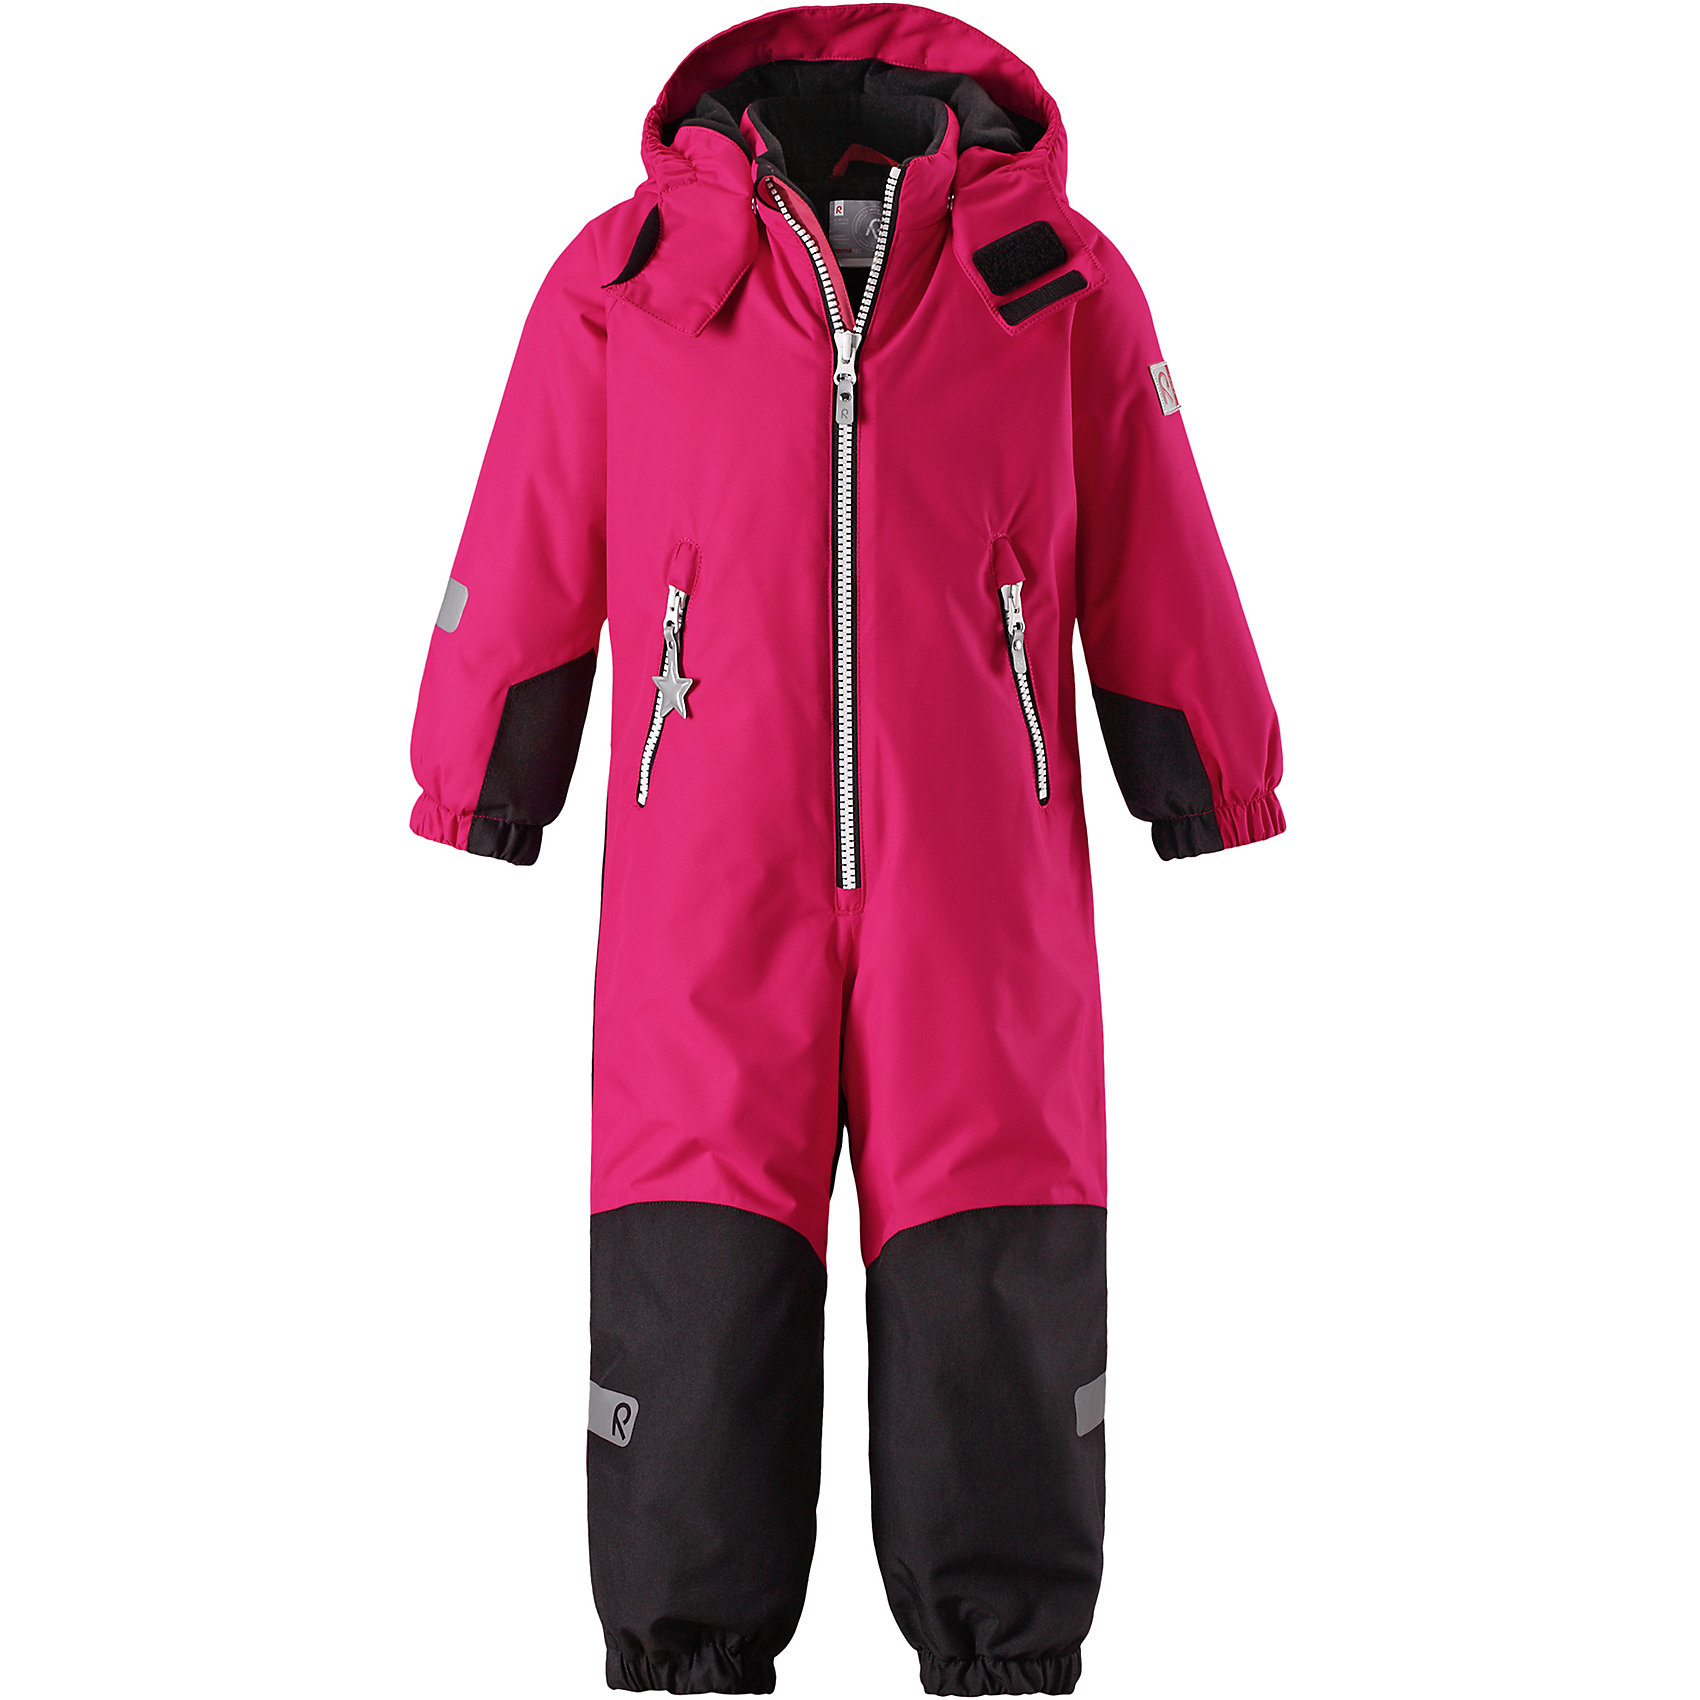 Комбинезон Reimatec® Reima FinnОдежда<br>Характеристики товара:<br><br>• цвет: розовый;<br>• состав: 100% полиэстер;<br>• подкладка: 100% полиэстер;<br>• утеплитель: 160 г/м2<br>• температурный режим: от 0 до -20С;<br>• сезон: зима; <br>• водонепроницаемость: 8000/10000 мм;<br>• воздухопроницаемость: 7000/5000 мм;<br>• износостойкость: 30000/50000 циклов (тест Мартиндейла);<br>• водо- и ветронепроницаемый, дышащий и грязеотталкивающий материал;<br>• все швы проклеены и водонепроницаемы;<br>• прочные усиленные вставки внизу, на коленях и снизу на ногах;<br>• гладкая подкладка из полиэстера;<br>• мягкая резинка на кромке капюшона и манжетах;<br>• застежка: молния с защитой подбородка;<br>• безопасный съемный капюшон на кнопках;<br>• внутренняя регулировка обхвата талии;<br>• прочные съемные силиконовые штрипки;<br>• два кармана на молнии;<br>• светоотражающие детали;<br>• страна бренда: Финляндия;<br>• страна изготовитель: Китай.<br><br>Зимний комбинезон Reimatec® Kiddo изготовлен из водо и ветронепроницаемого материала с водо и грязеотталкивающей поверхностью. Все швы проклеены, водонепроницаемы. В комбинезоне предусмотрены прочные усиления на задней части, коленях и концах брючин. В этом комбинезоне прямого кроя талия при необходимости легко регулируется, что позволяет подогнать его точно по фигуре. <br><br>Съемный капюшон защищает от пронизывающего ветра, а еще он безопасен во время игр на свежем воздухе. Кнопки легко отстегиваются, если капюшон случайно за что-нибудь зацепится. Силиконовые штрипки не дают концам брючин задираться, бегай сколько хочешь! Образ довершает мягкая резинка по краю капюшона и на манжетах, два кармана на молнии и светоотражающие детали.<br><br>Комбинезон Finn Reimatec® Reima от финского бренда Reima (Рейма) можно купить в нашем интернет-магазине.<br><br>Ширина мм: 356<br>Глубина мм: 10<br>Высота мм: 245<br>Вес г: 519<br>Цвет: розовый<br>Возраст от месяцев: 108<br>Возраст до месяцев: 120<br>Пол: Унисекс<br>Возраст: Детский<br>Размер: 140,92